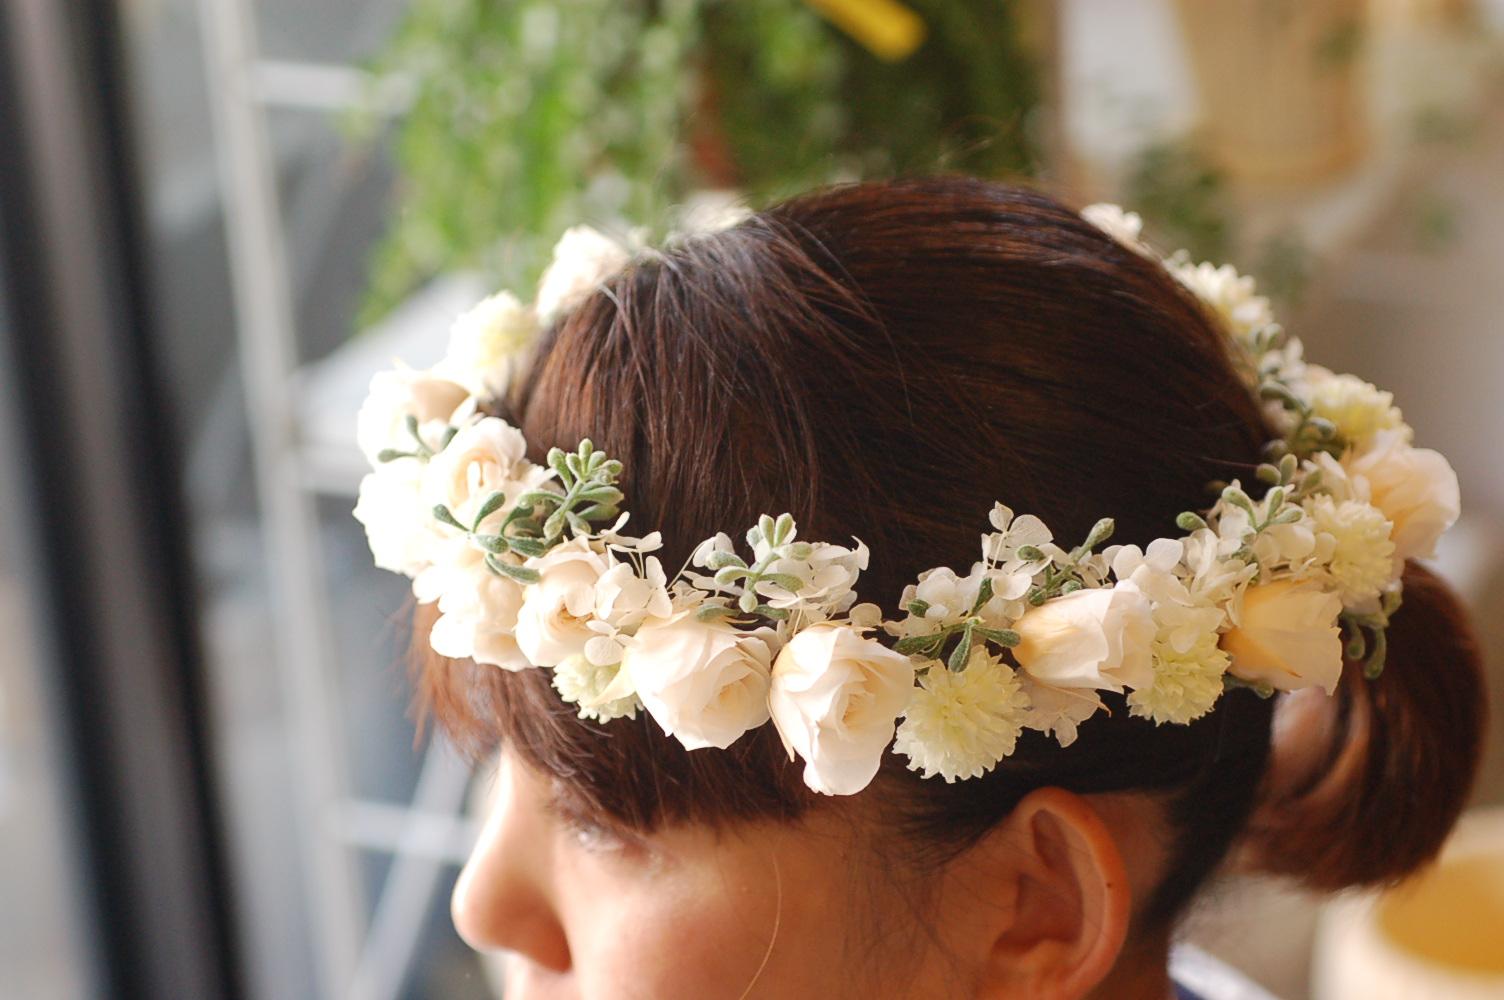 プリザーブドフラワーの花冠 ♫_a0060141_1483686.jpg